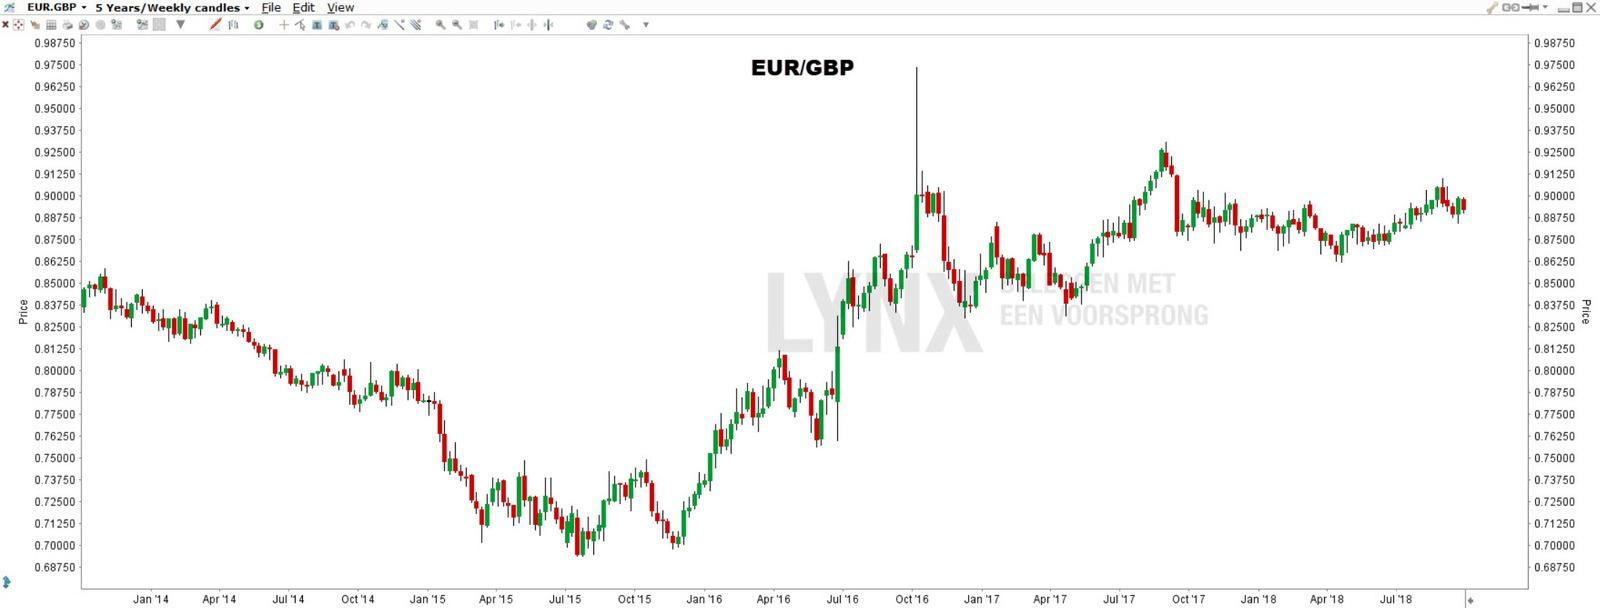 EUR.GBP - Brexit aandelen